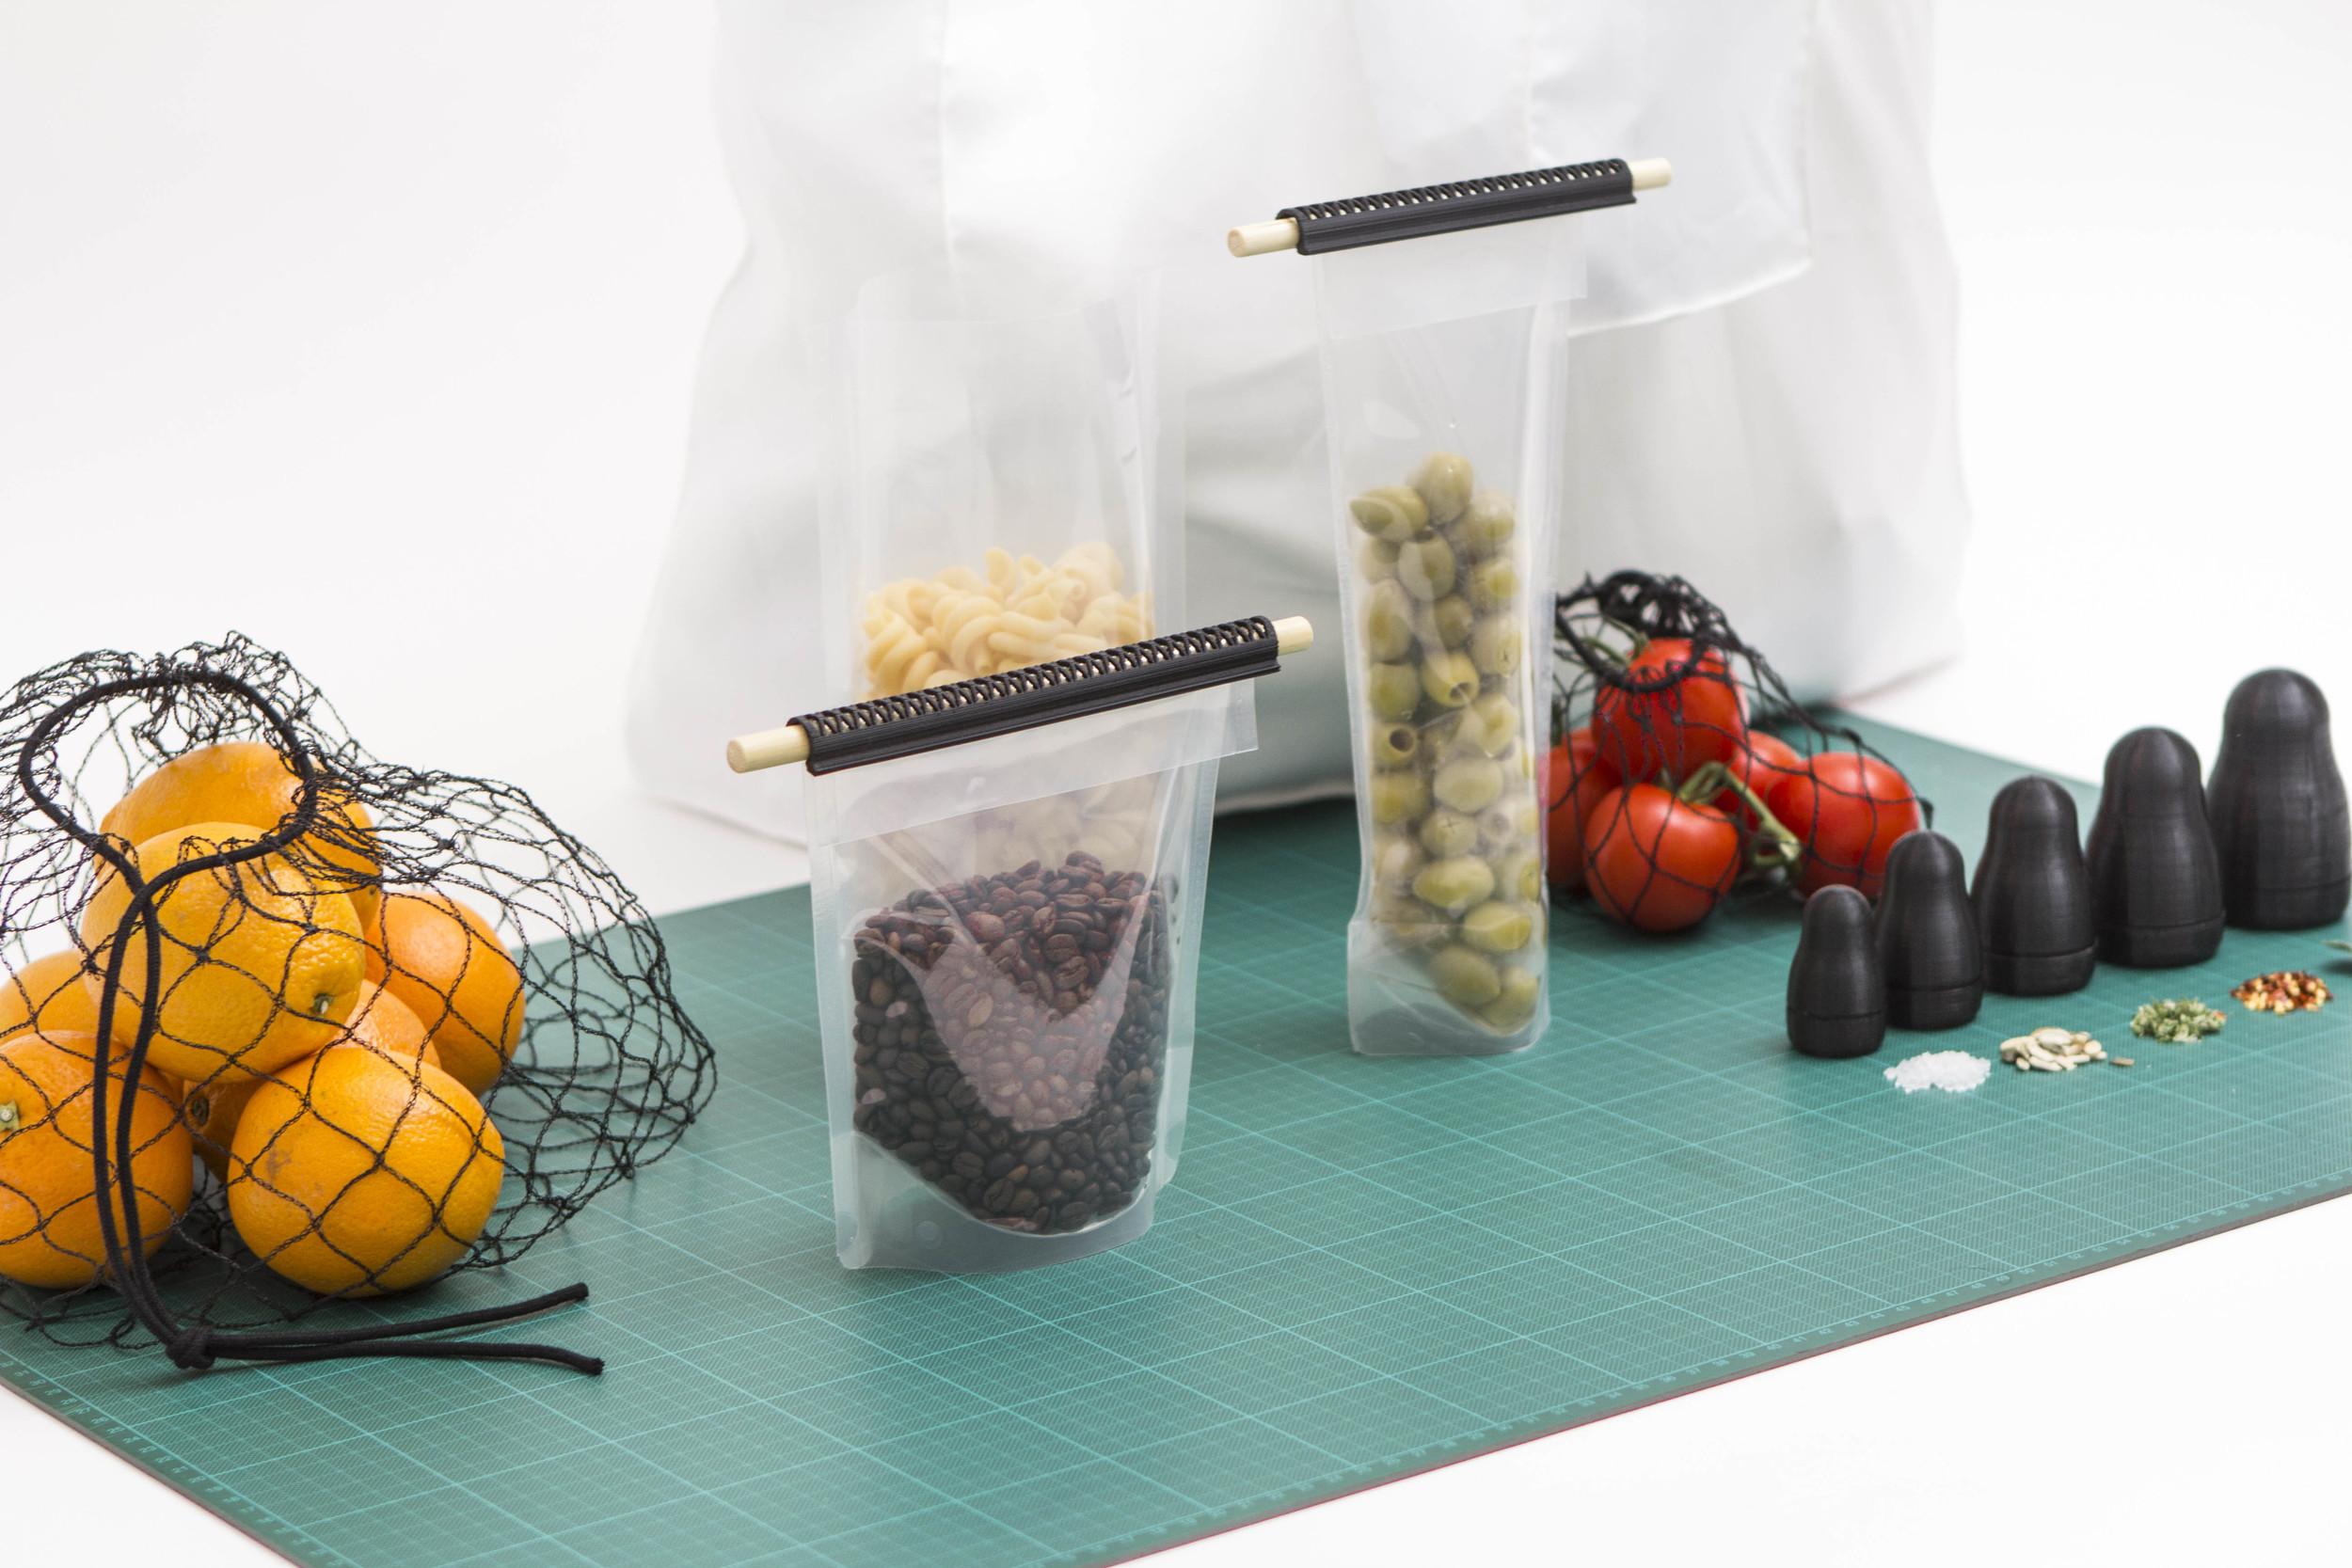 BULK - enabling packageless grocery shopping